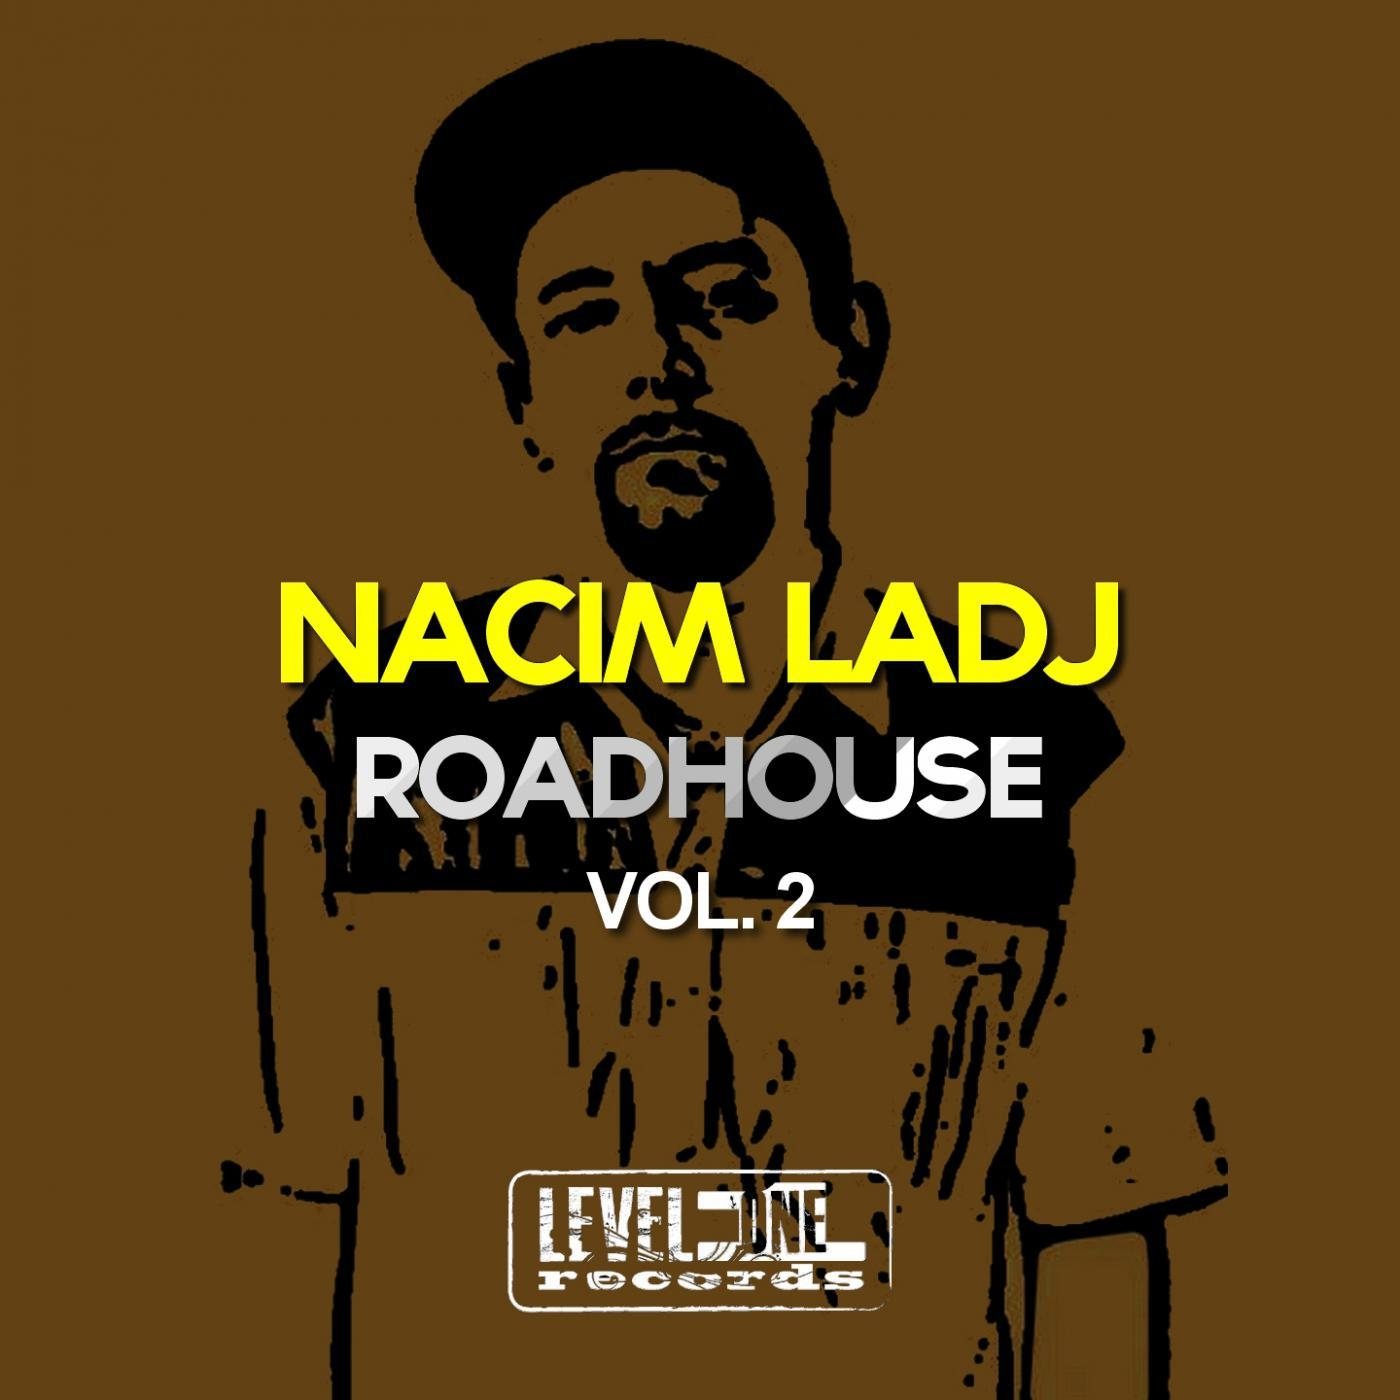 Nacim Ladj - Into The Fire (Original Mix)